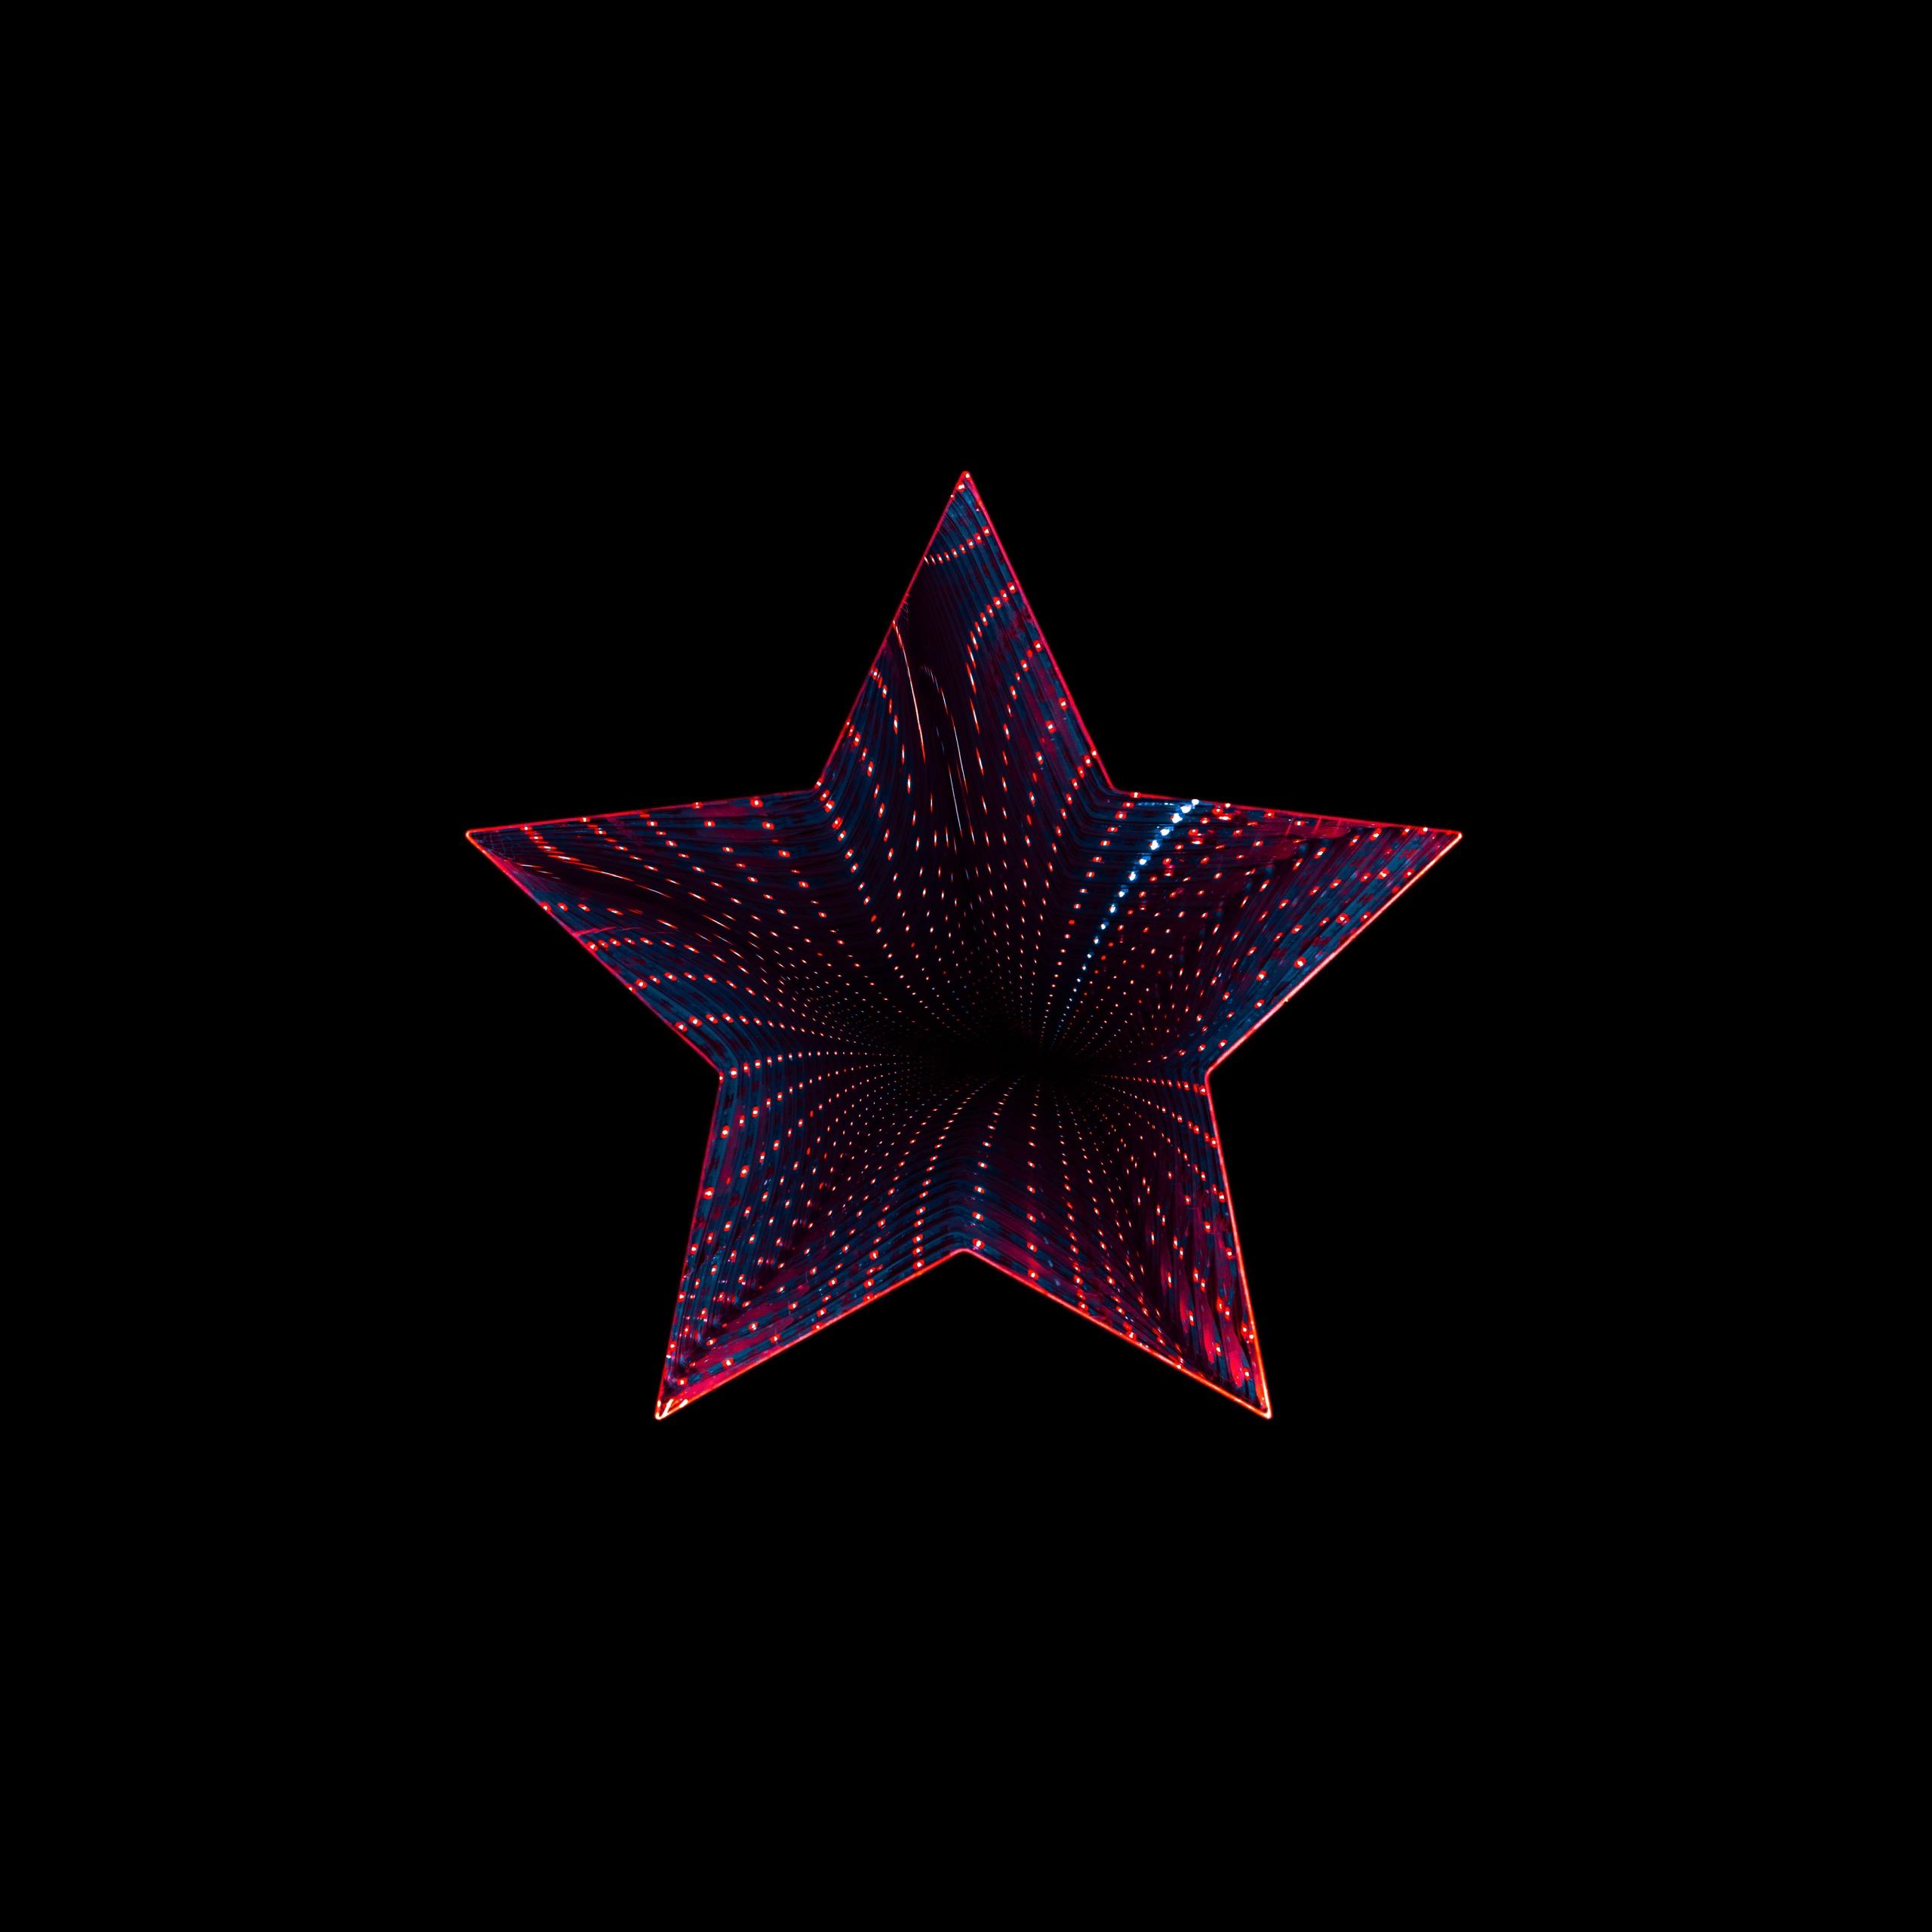 Star 4K Wallpaper, Neon, Black Background, 5K, 8K